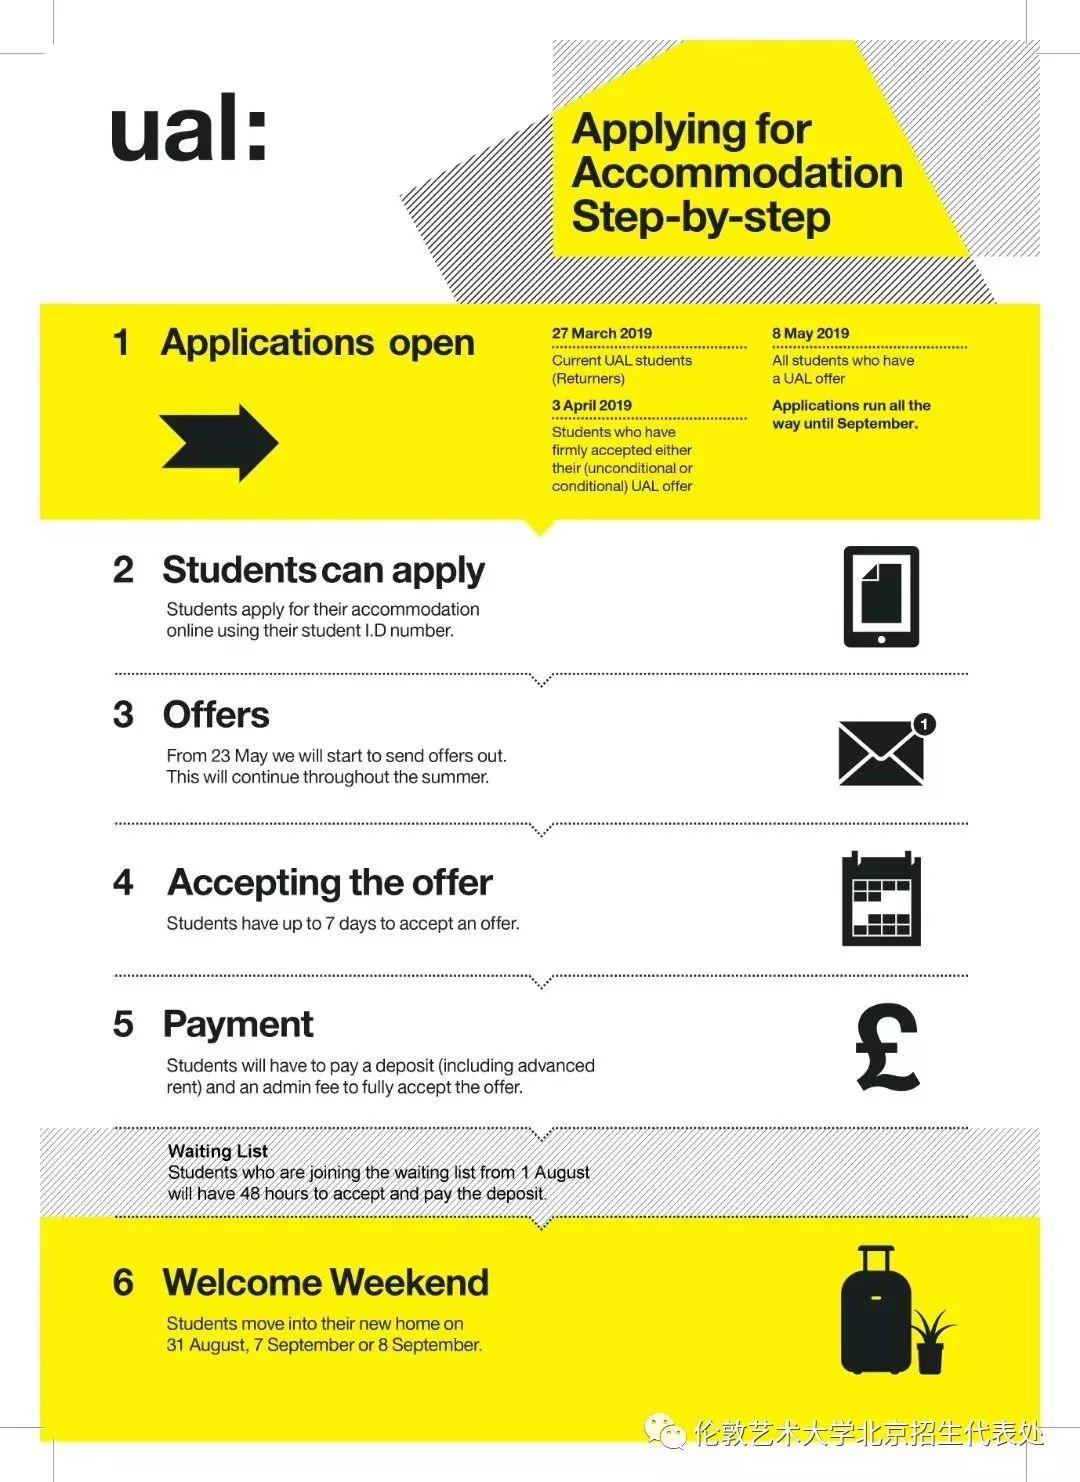 4月3日下午5点伦敦艺术大学宿舍开放申请! | 伦艺资讯